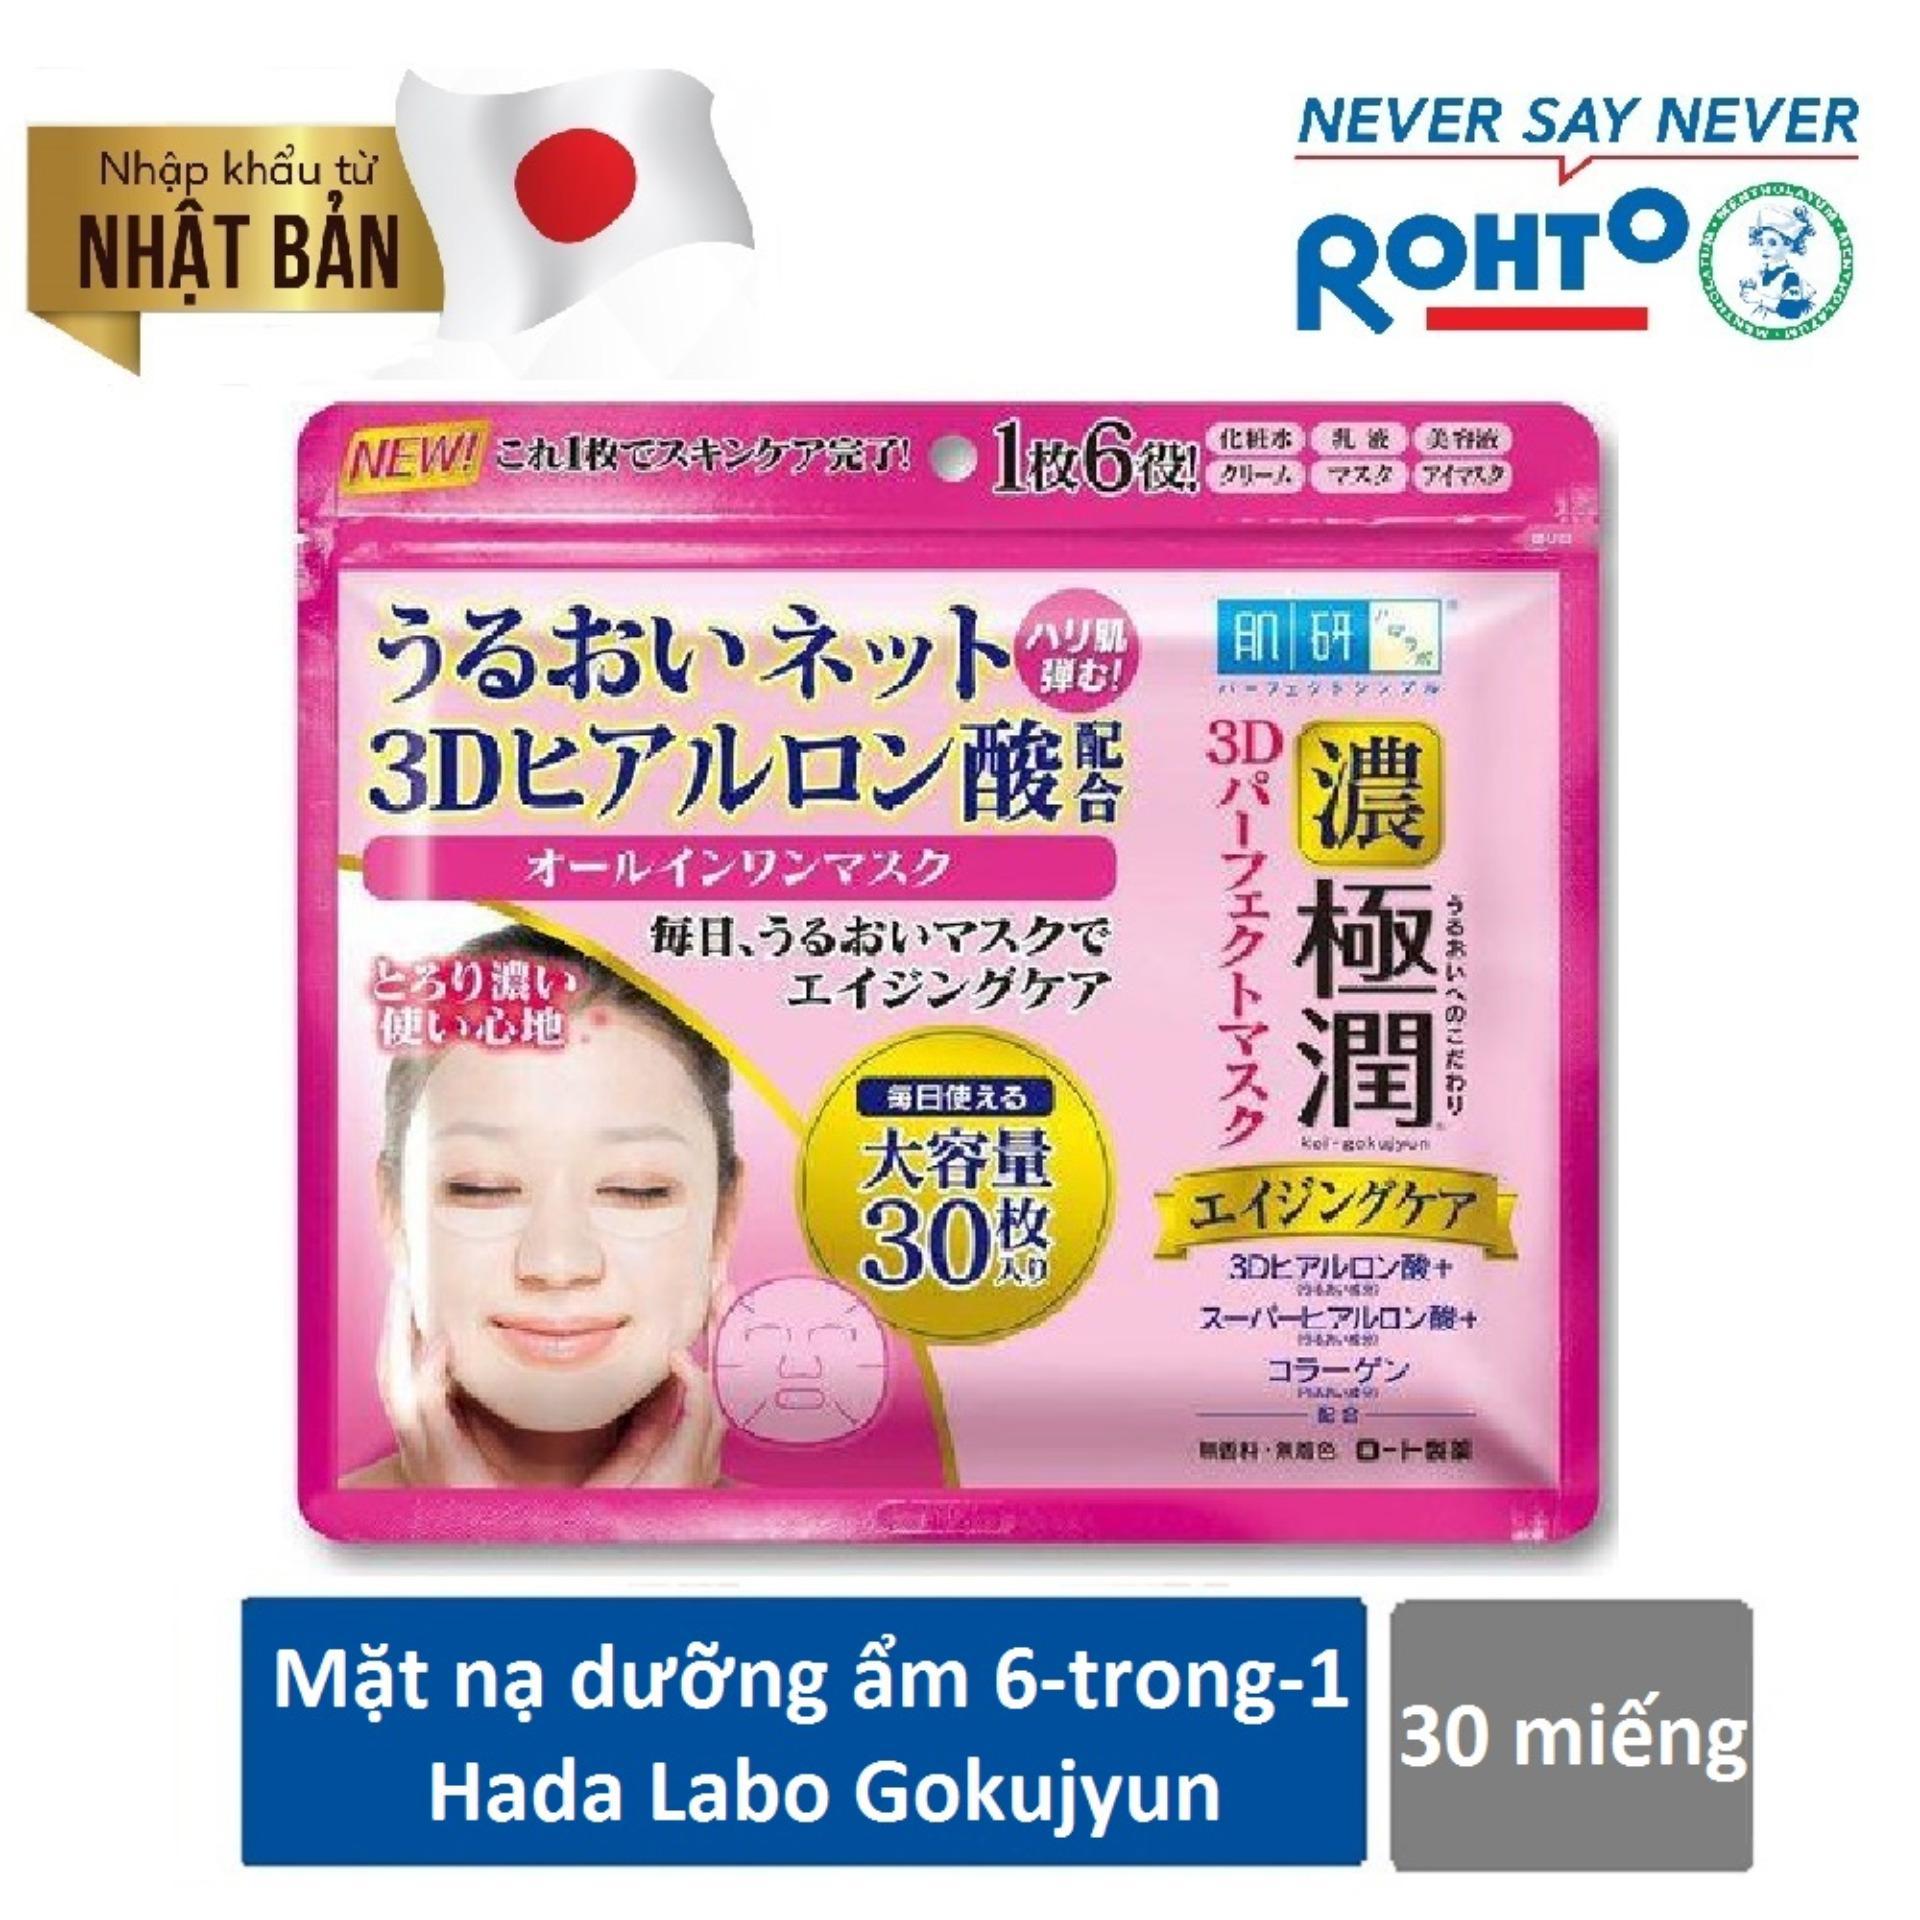 Mua Mặt Nạ Dưỡng Ẩm 3D Hoan Hảo Hada Labo Gokujyun 3D Perfect Mask 30Pcs Nhập Khẩu Từ Nhật Bản Trực Tuyến